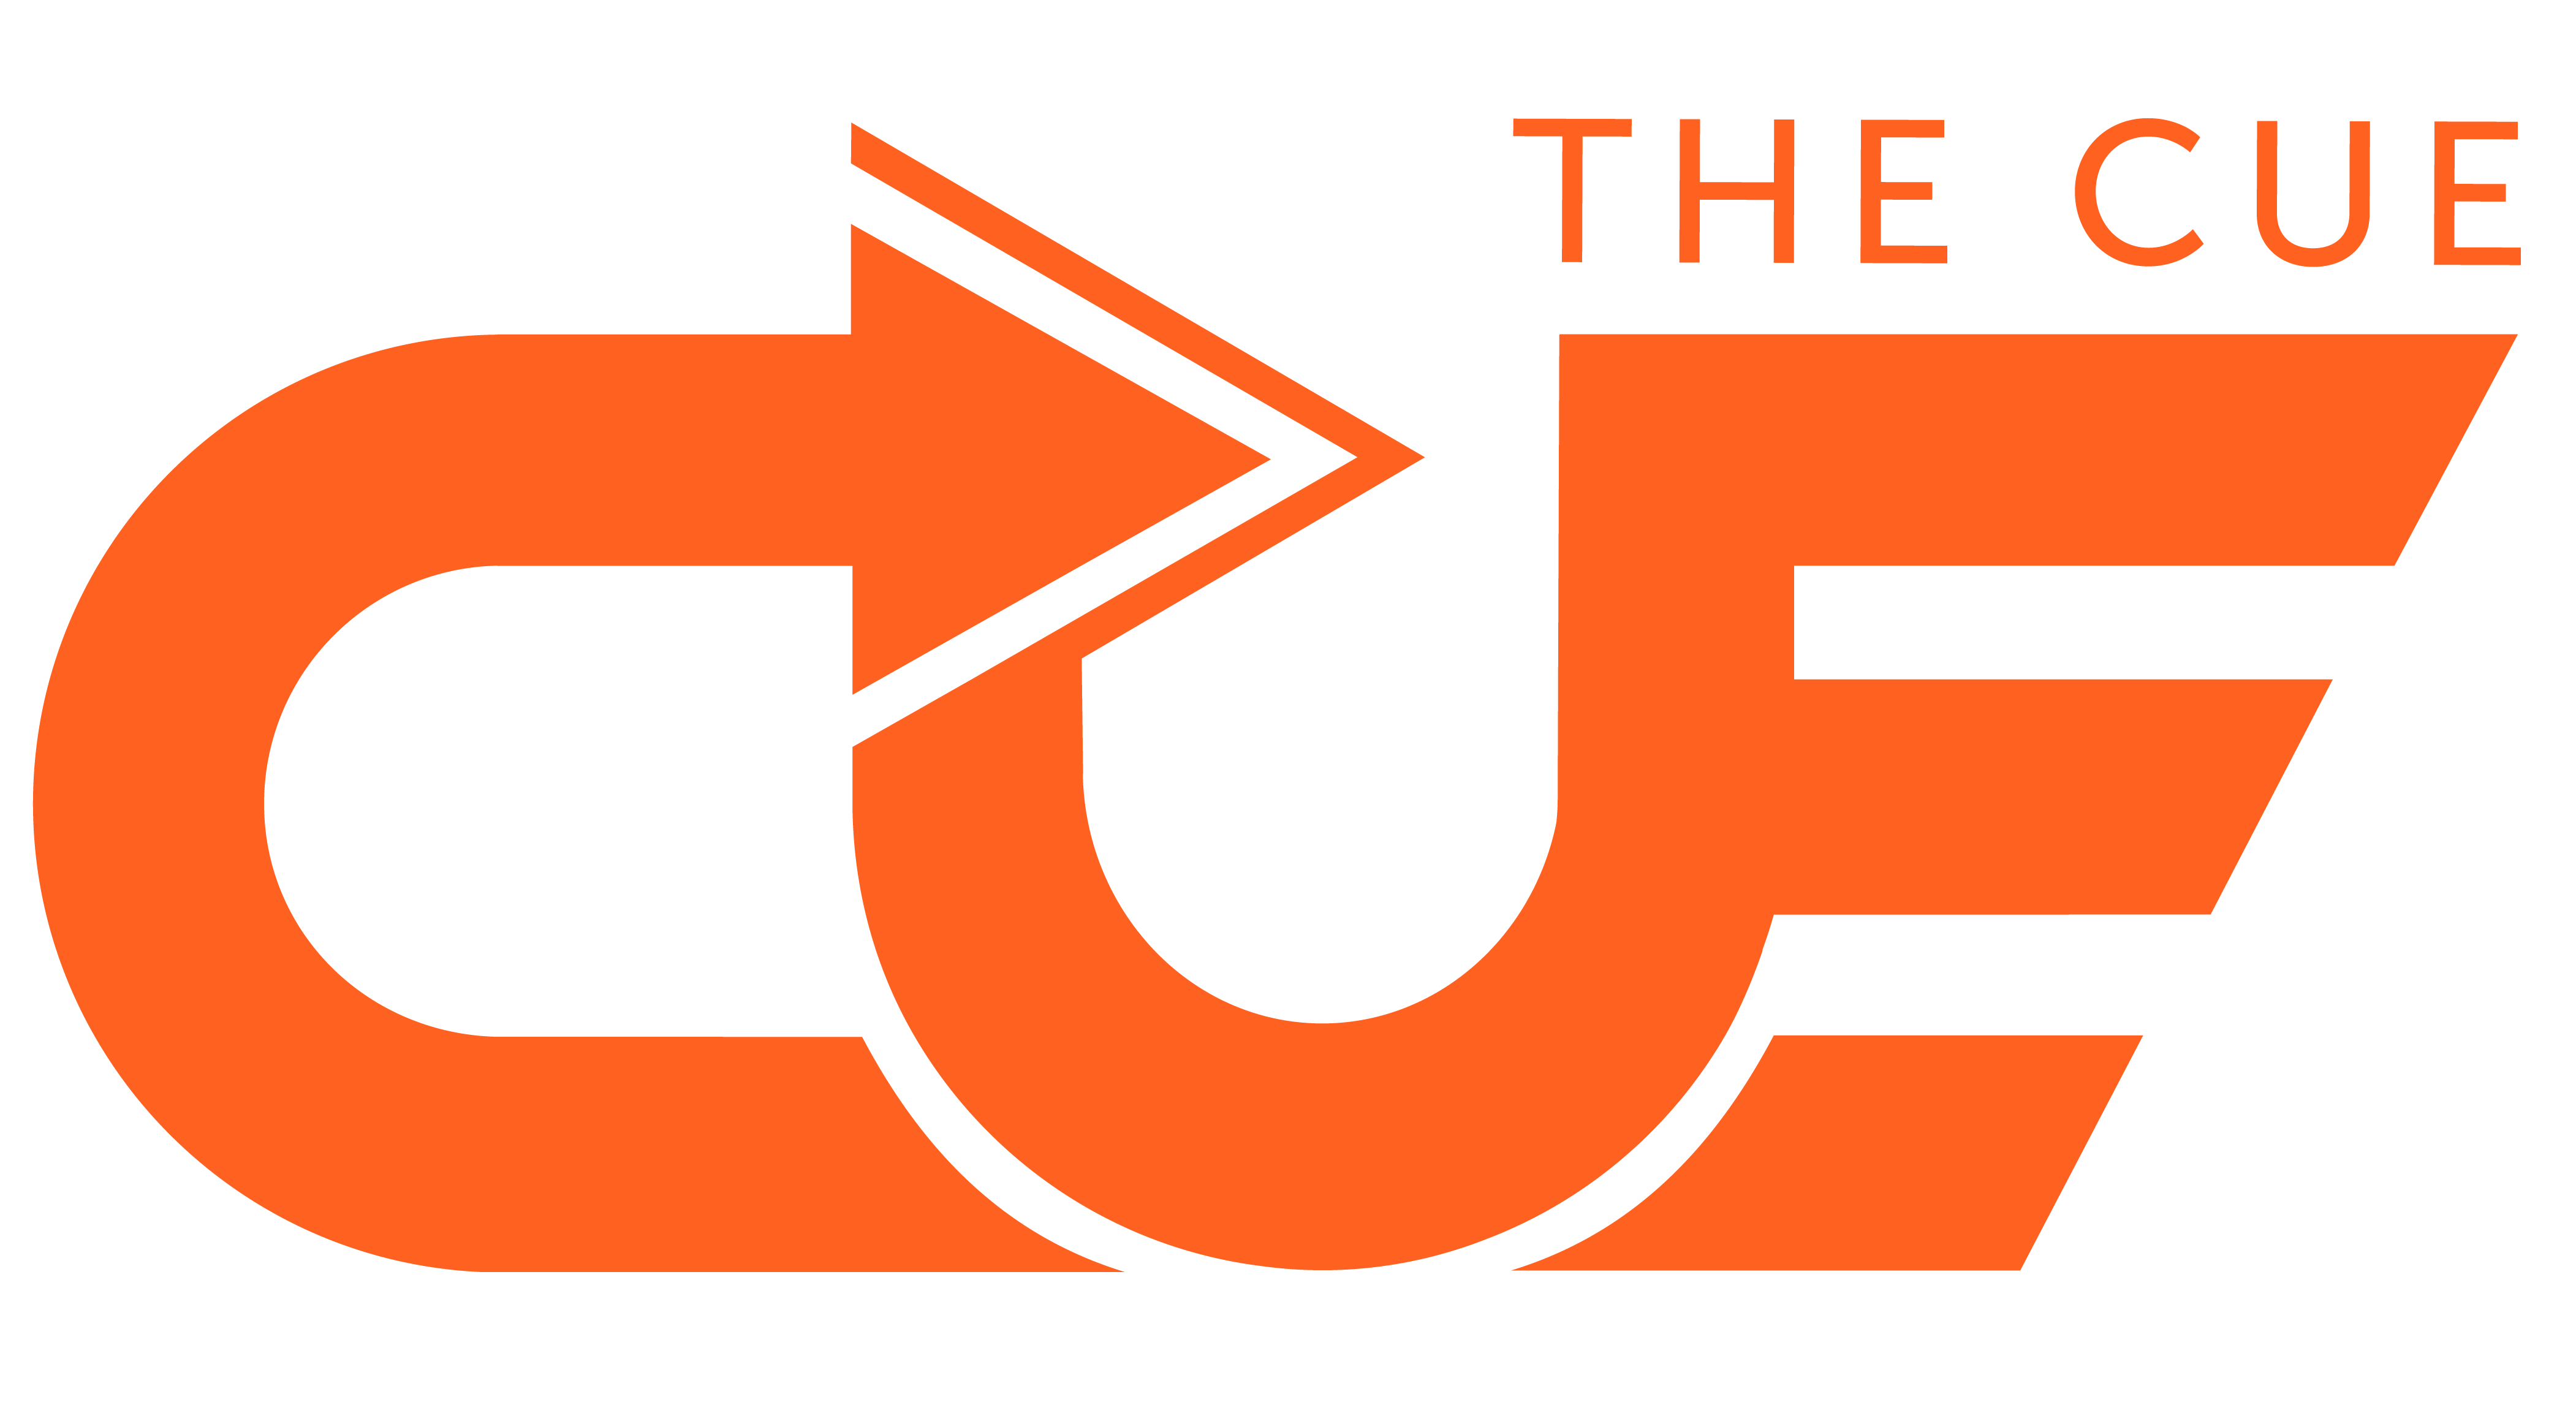 https://thecue.nl